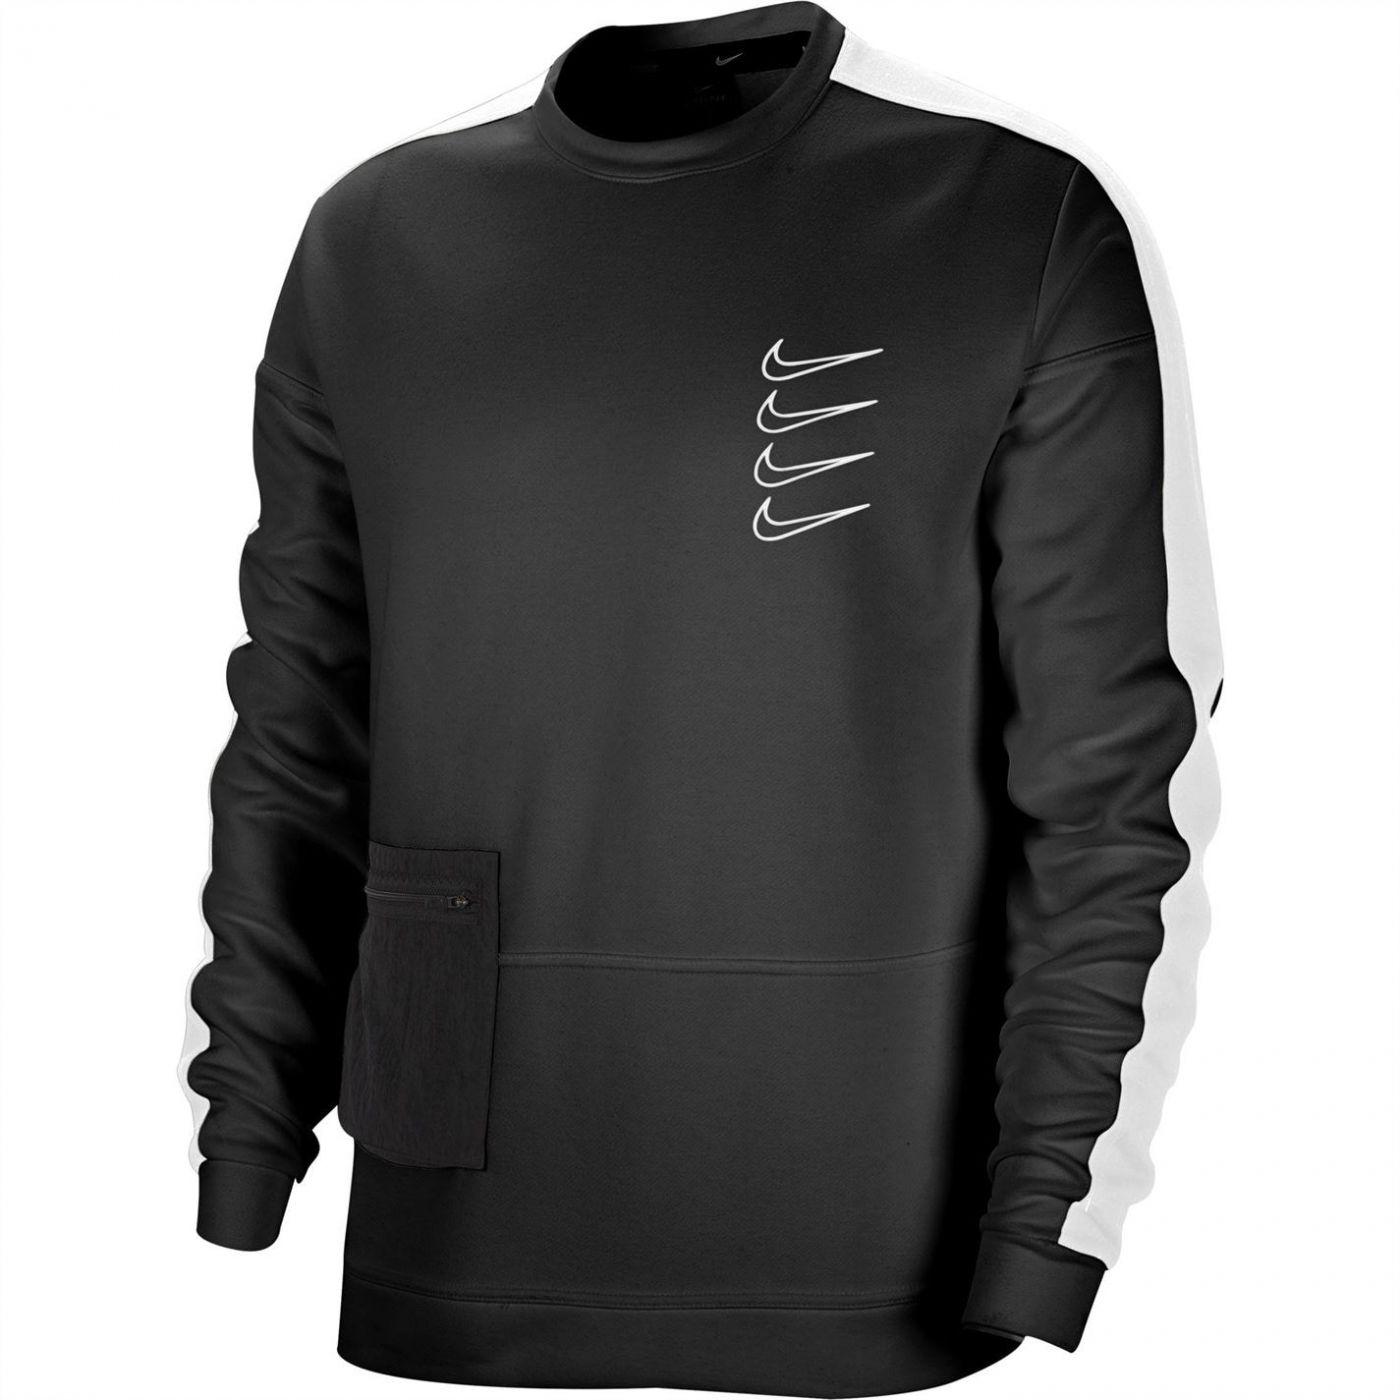 Nike Proj X Sweatshirt Mens